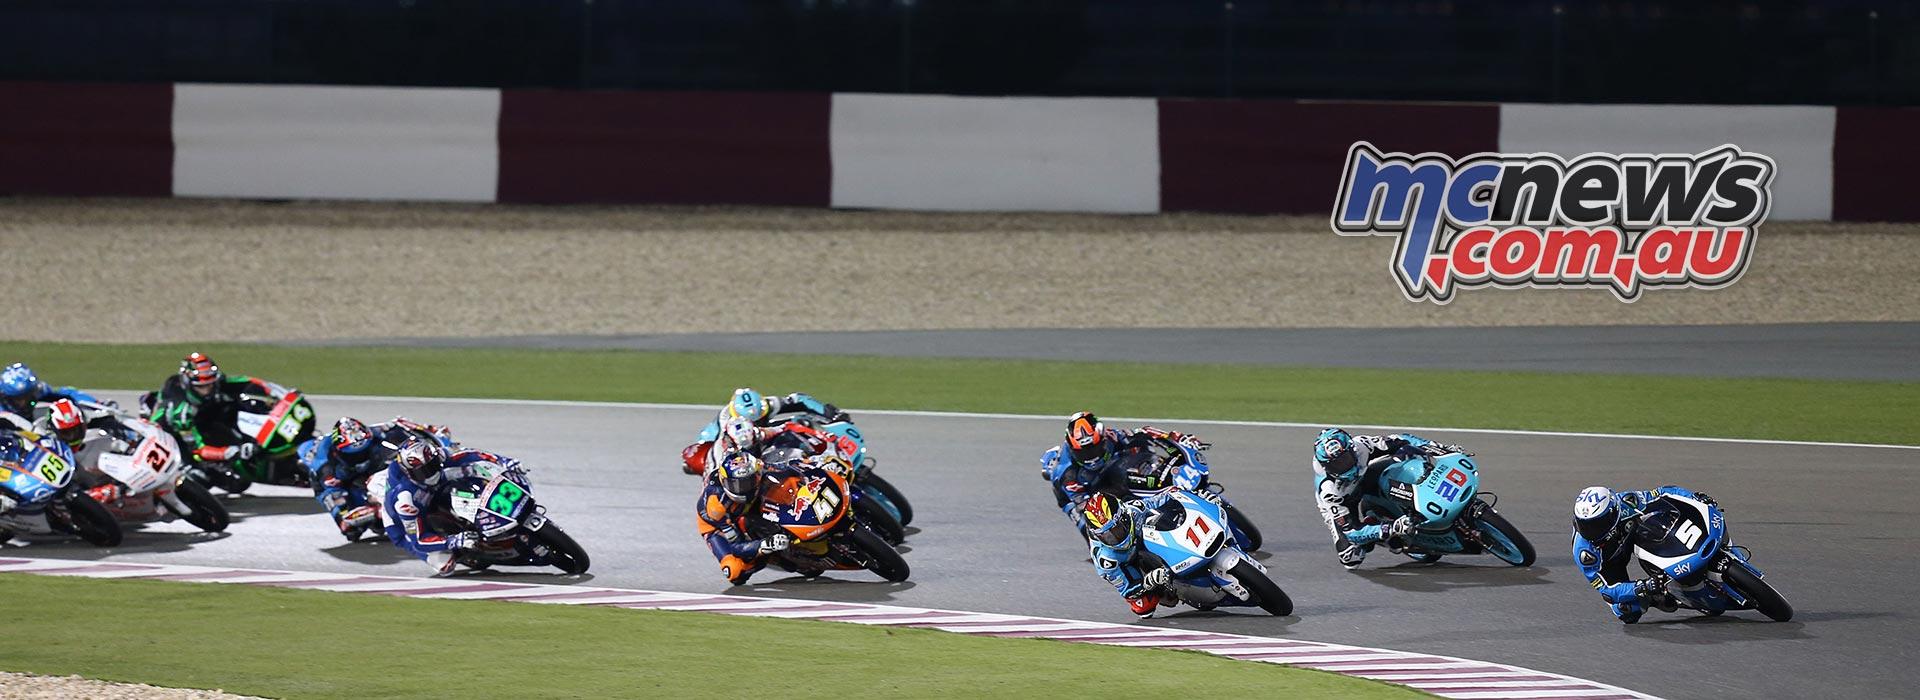 Moto3 2016 - Round One - Qatar